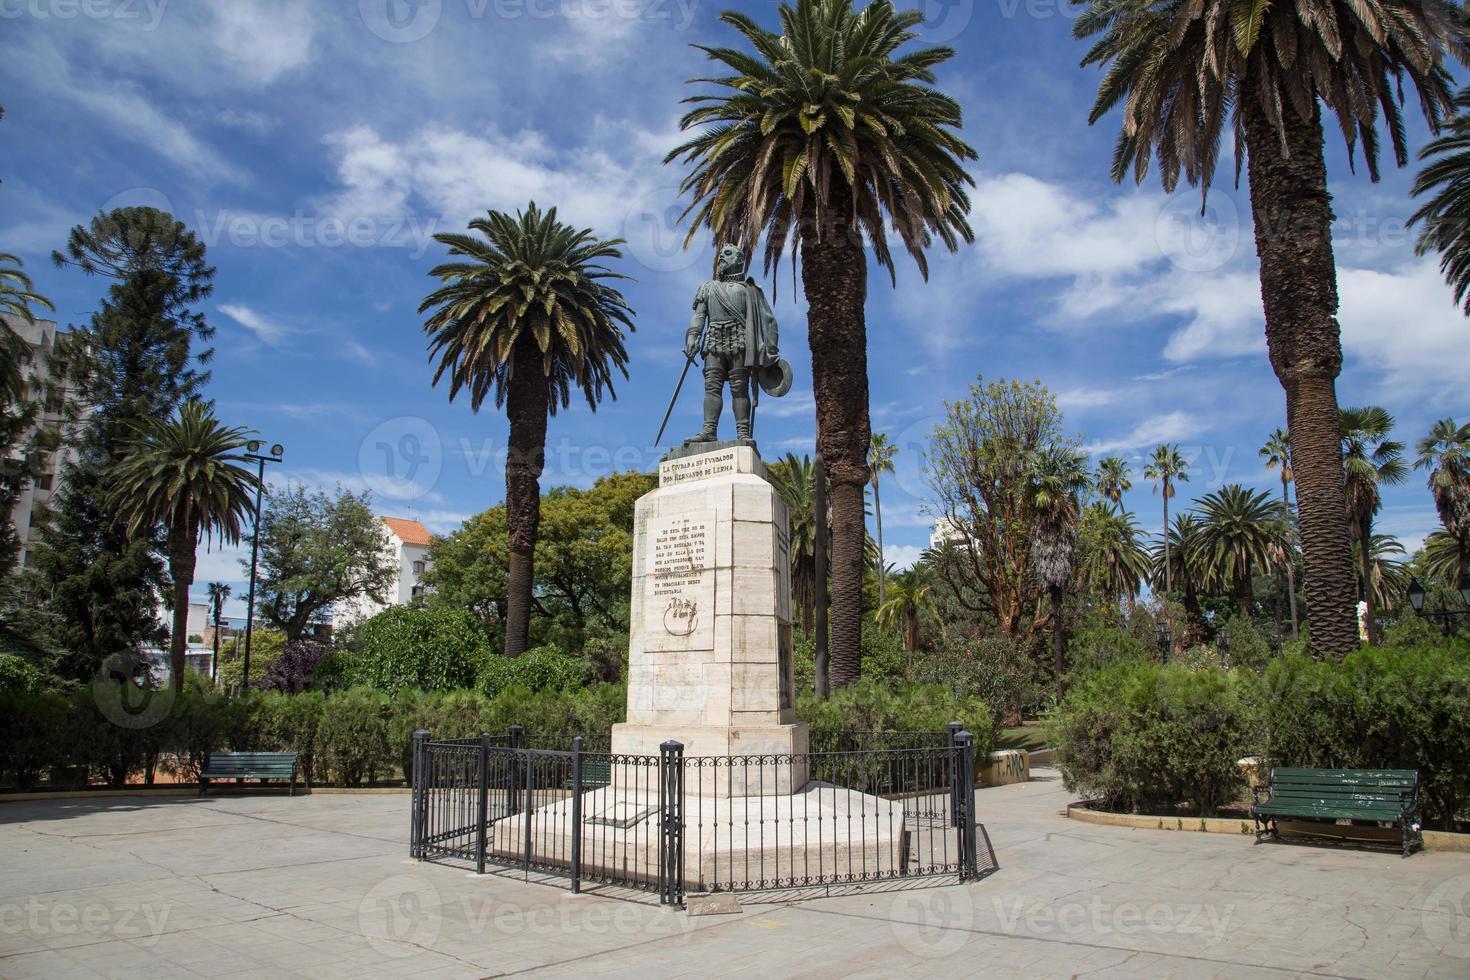 monumento fundador en salta, argentina foto